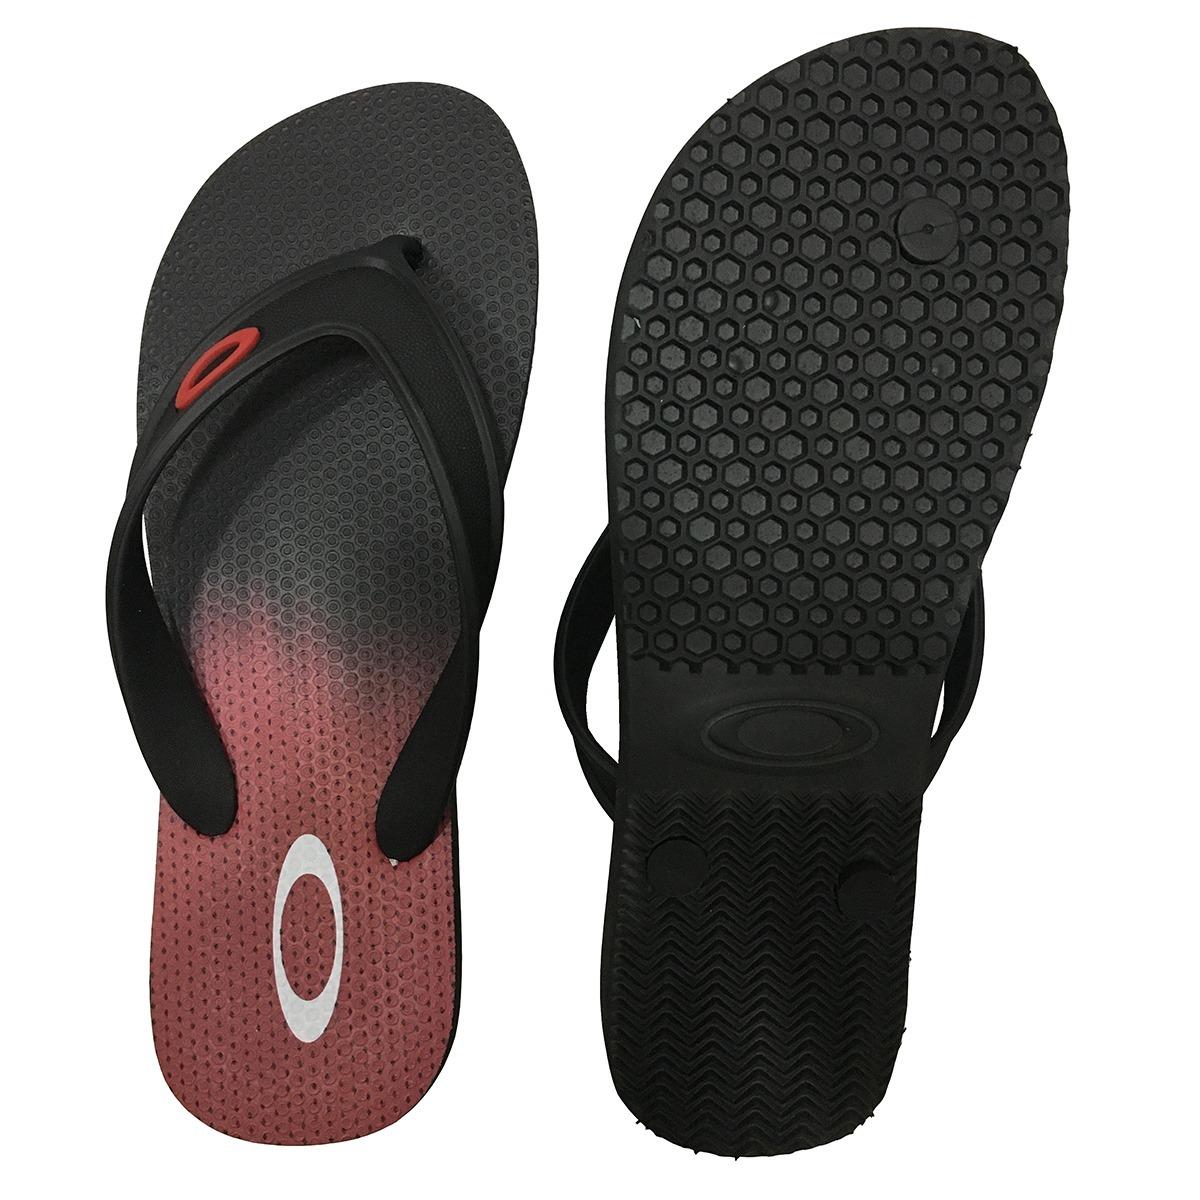 b636155a961c5 Chinelo Oakley Wave Point Original (10188br) - R  89,90 em Mercado Livre